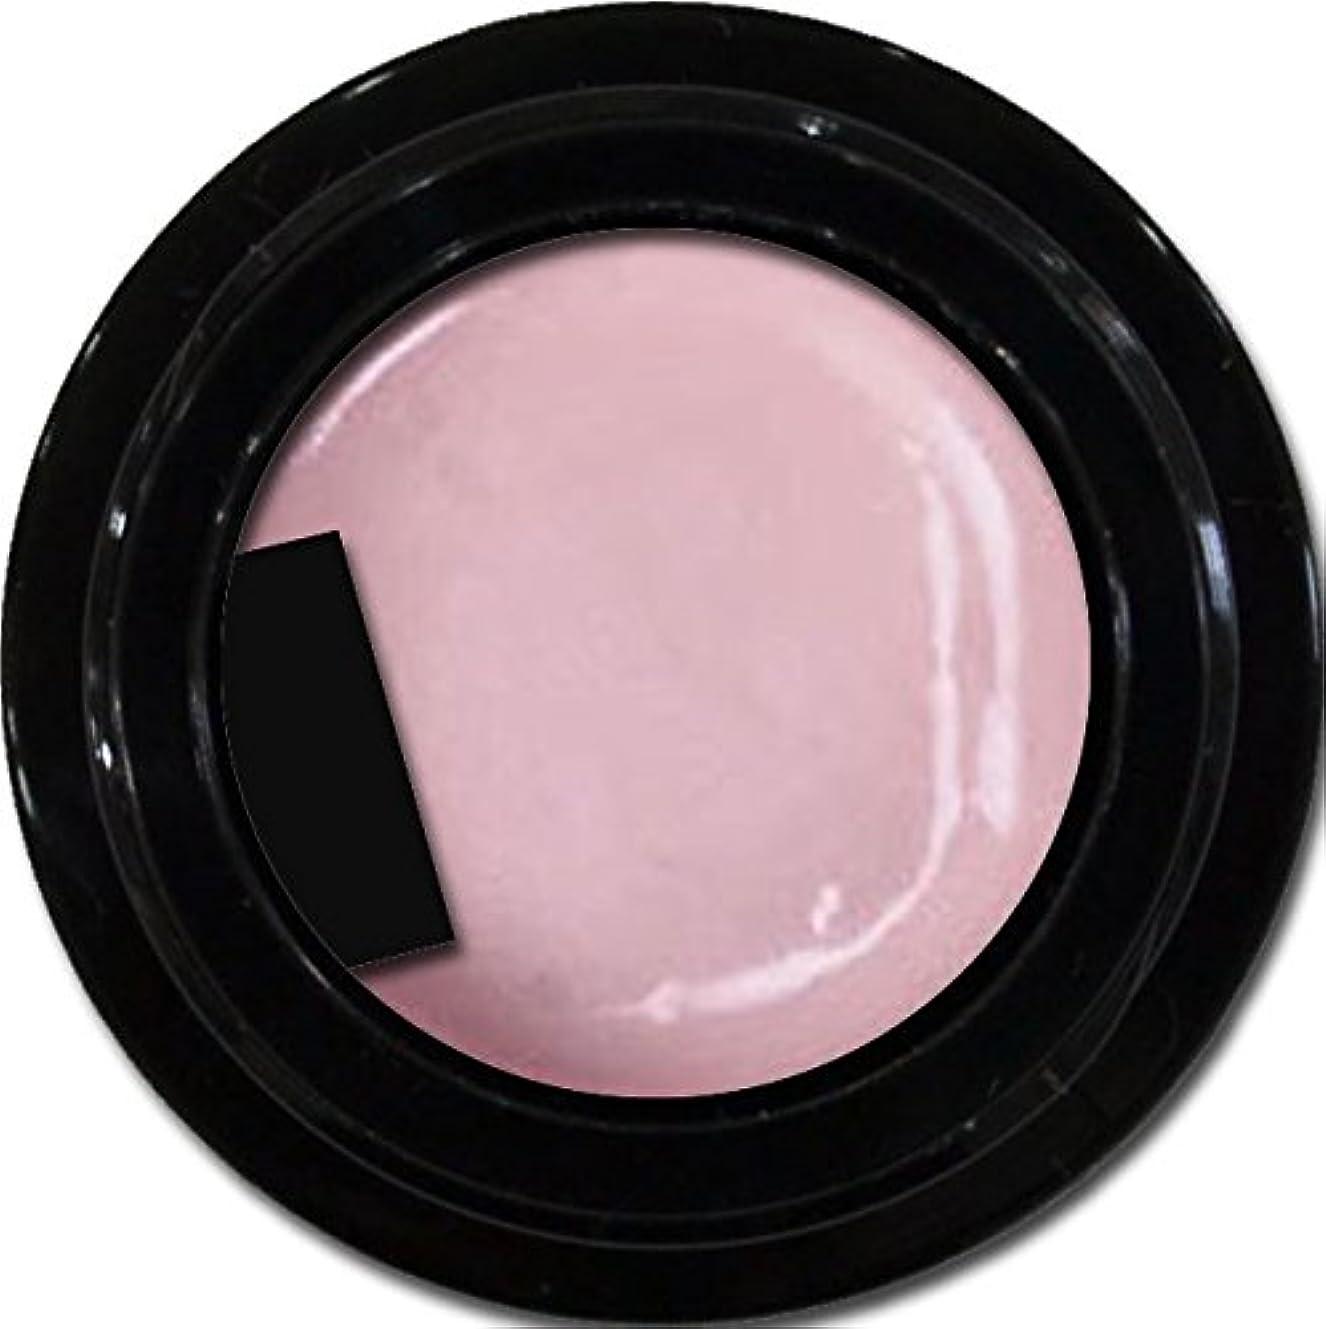 新しい意味抜け目がない見分けるカラージェル enchant color gel P502 VenetianRose 3g/ パールカラージェル P502ベネチアンローズ 3グラム